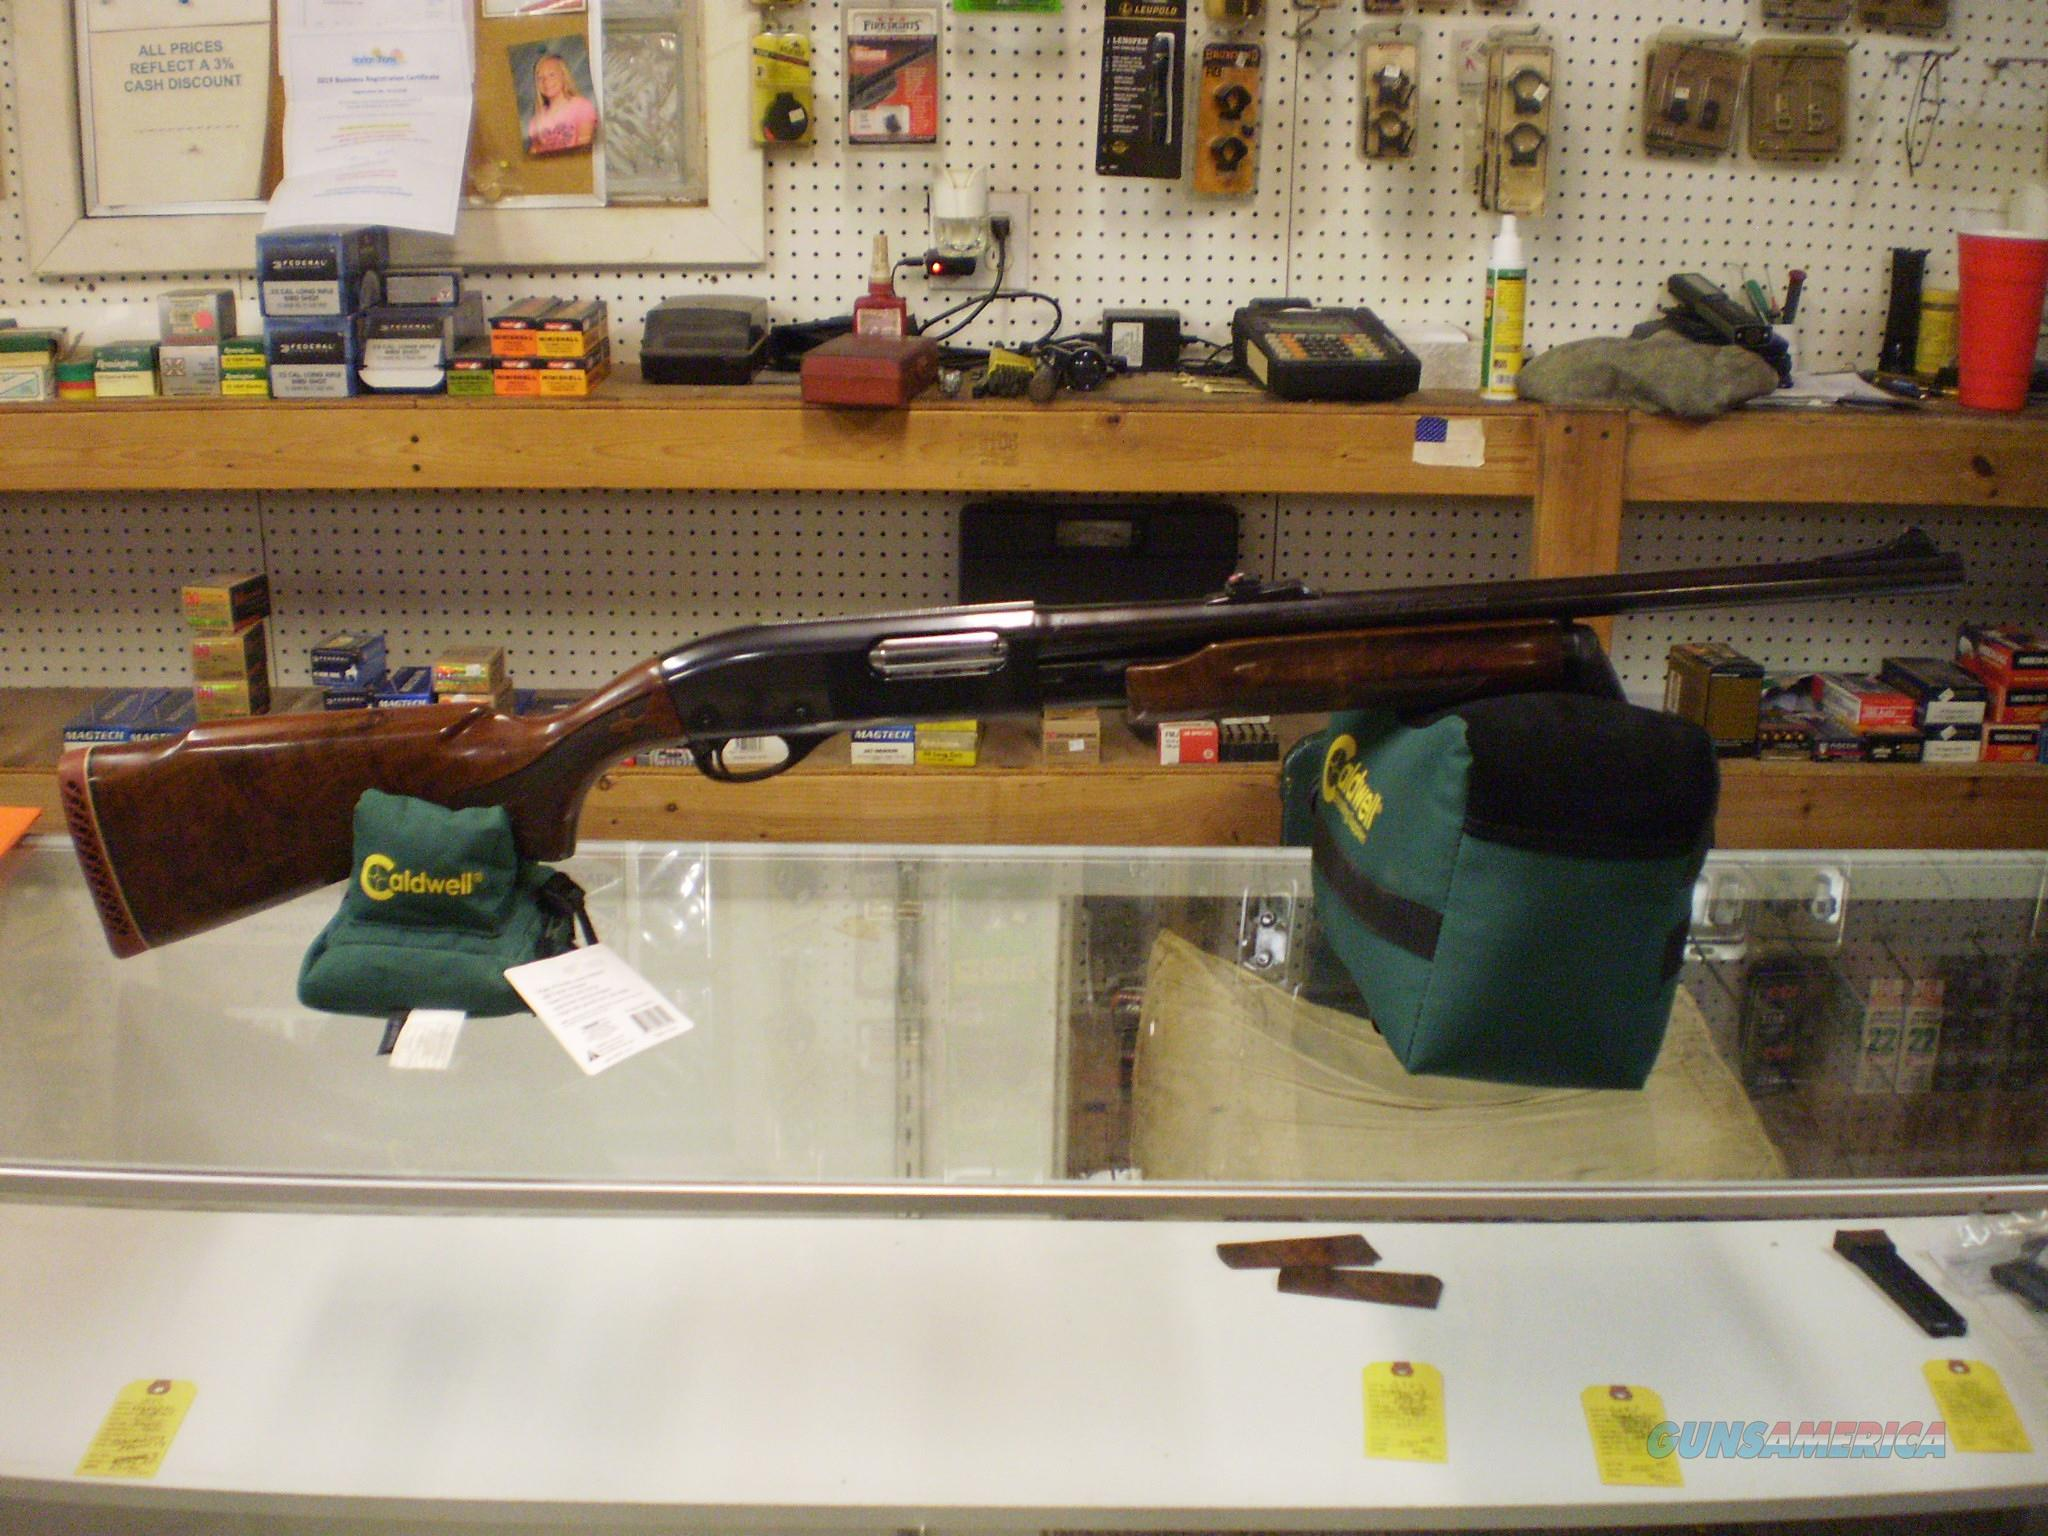 REMINGTON 870 WINGMASTER 150TH ANNIVERSARY TB 12 GAUGE  Guns > Shotguns > Remington Shotguns  > Pump > Trap and Skeet